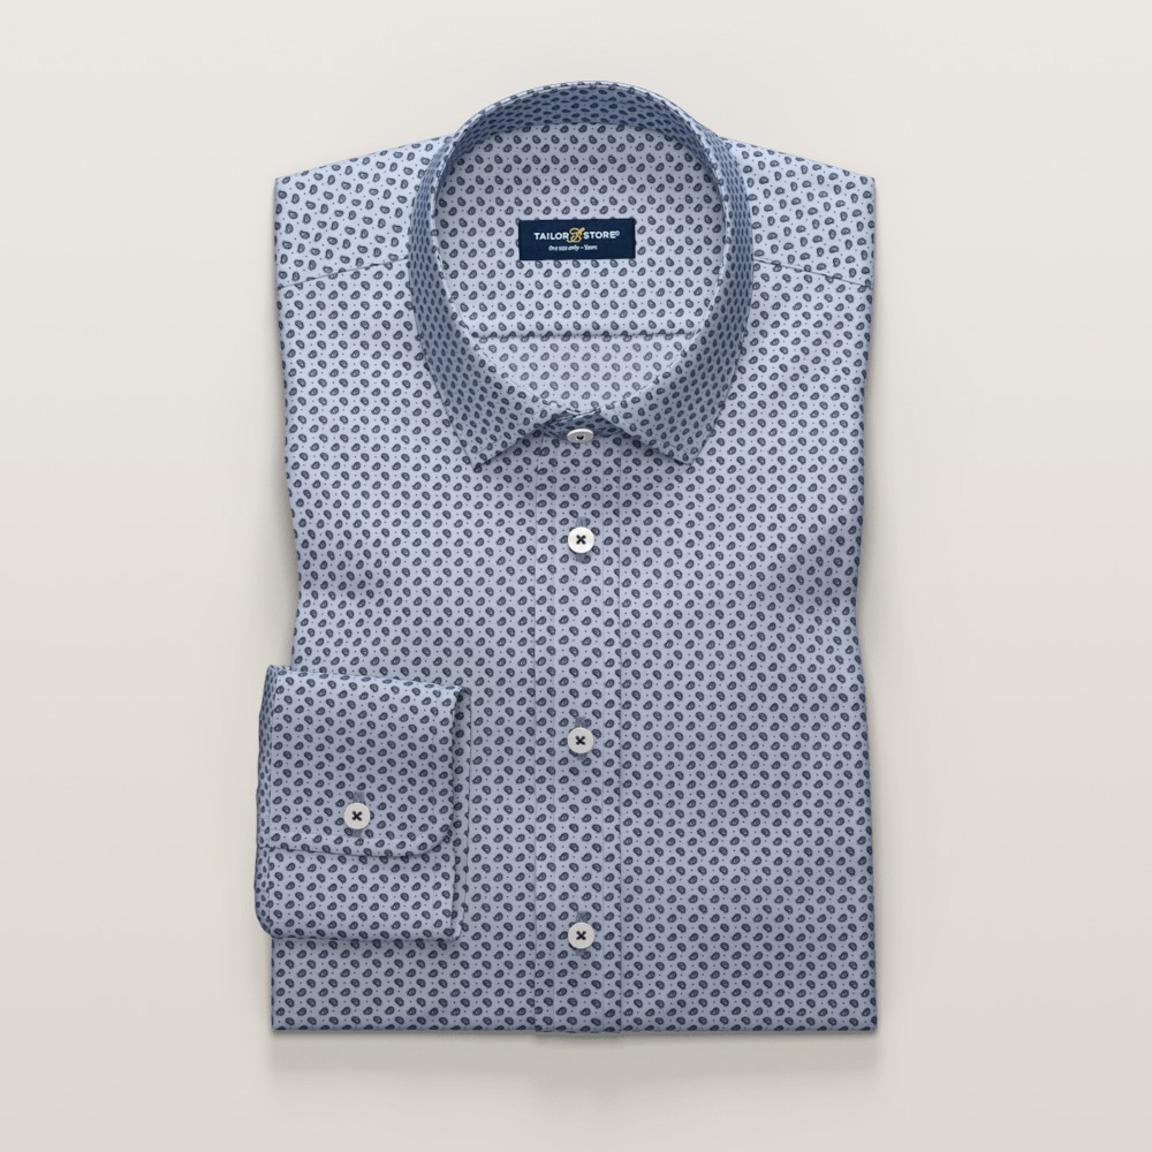 Chemise à motifs en coton avec un col cut-away classique